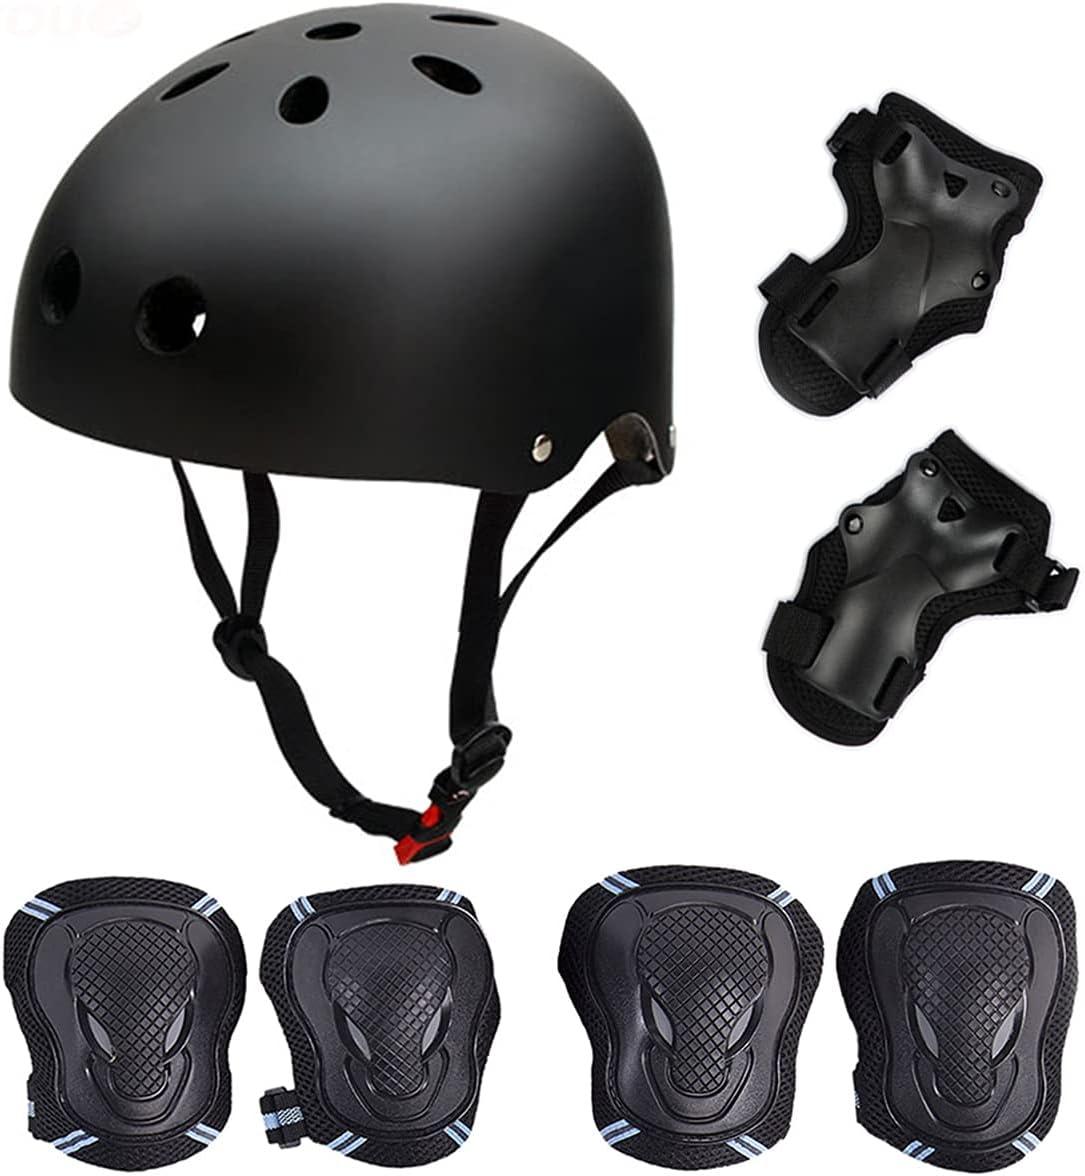 Skateboard/Skate Protektoren Set mit Helmet - Skate Helmet Knie Pads Elbow Pads mit Handgelenkschoner für Skate Skateboard Roller Skate BMX Bike...